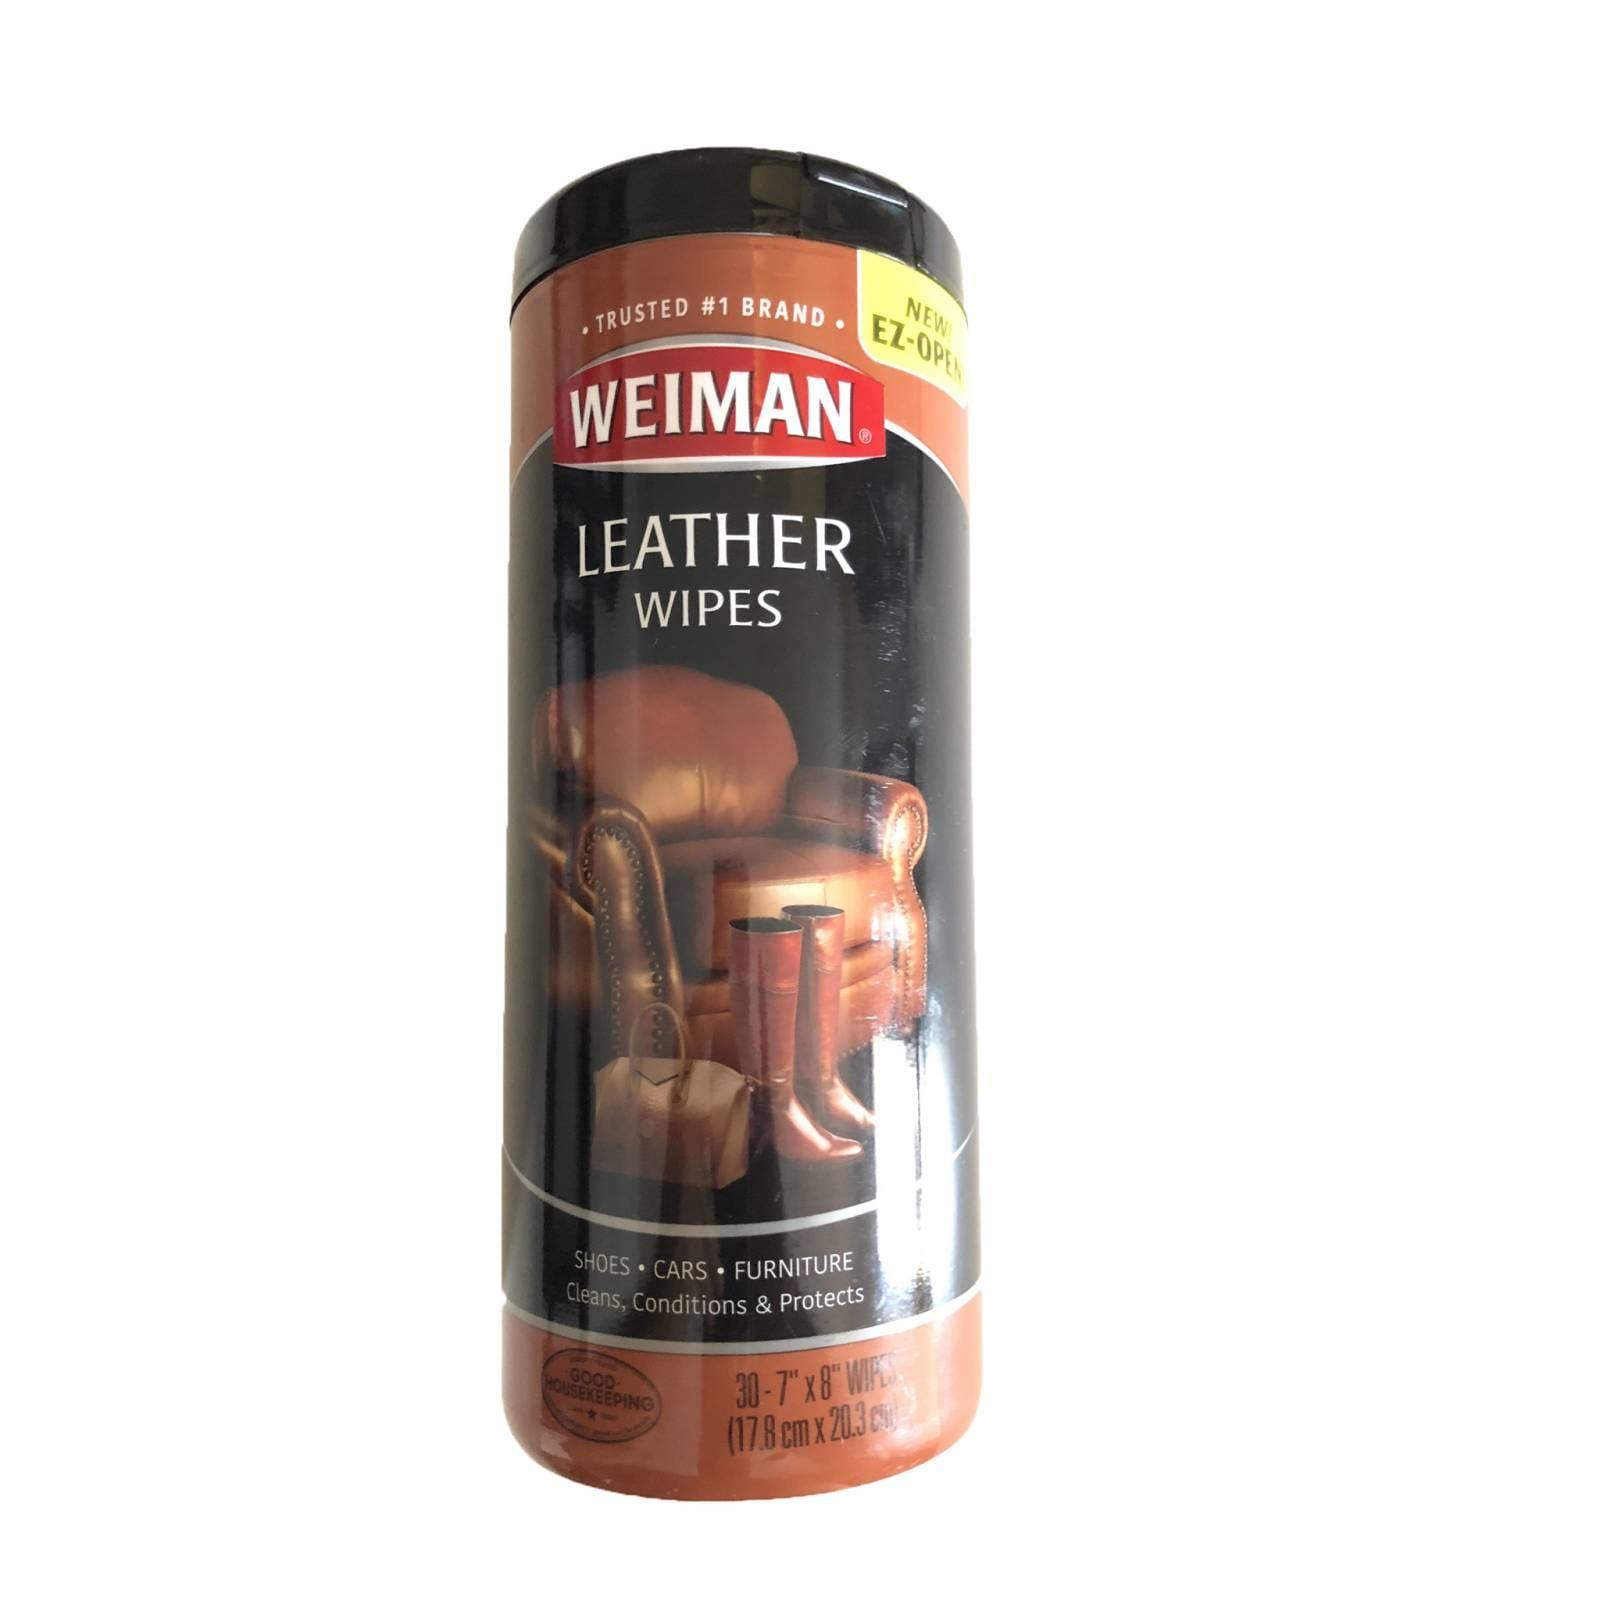 Weiman, Toallitas humedas para la limpieza, acondicionamiento y protección de pieles, sirve para autos, muebles y calzado de cuero, piel. 30 piezas.